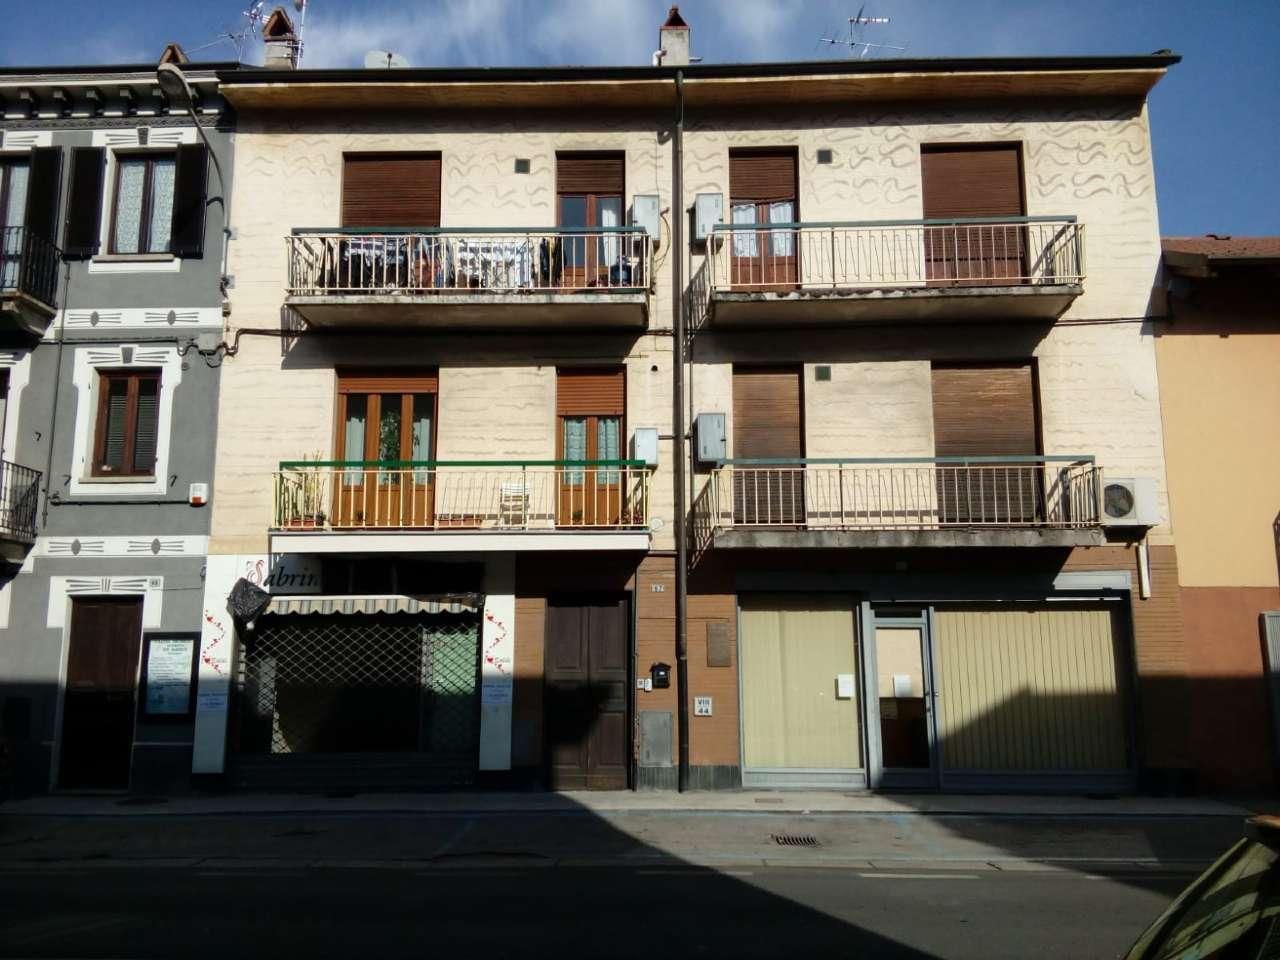 Negozio / Locale in affitto a Bussoleno, 2 locali, prezzo € 350 | PortaleAgenzieImmobiliari.it